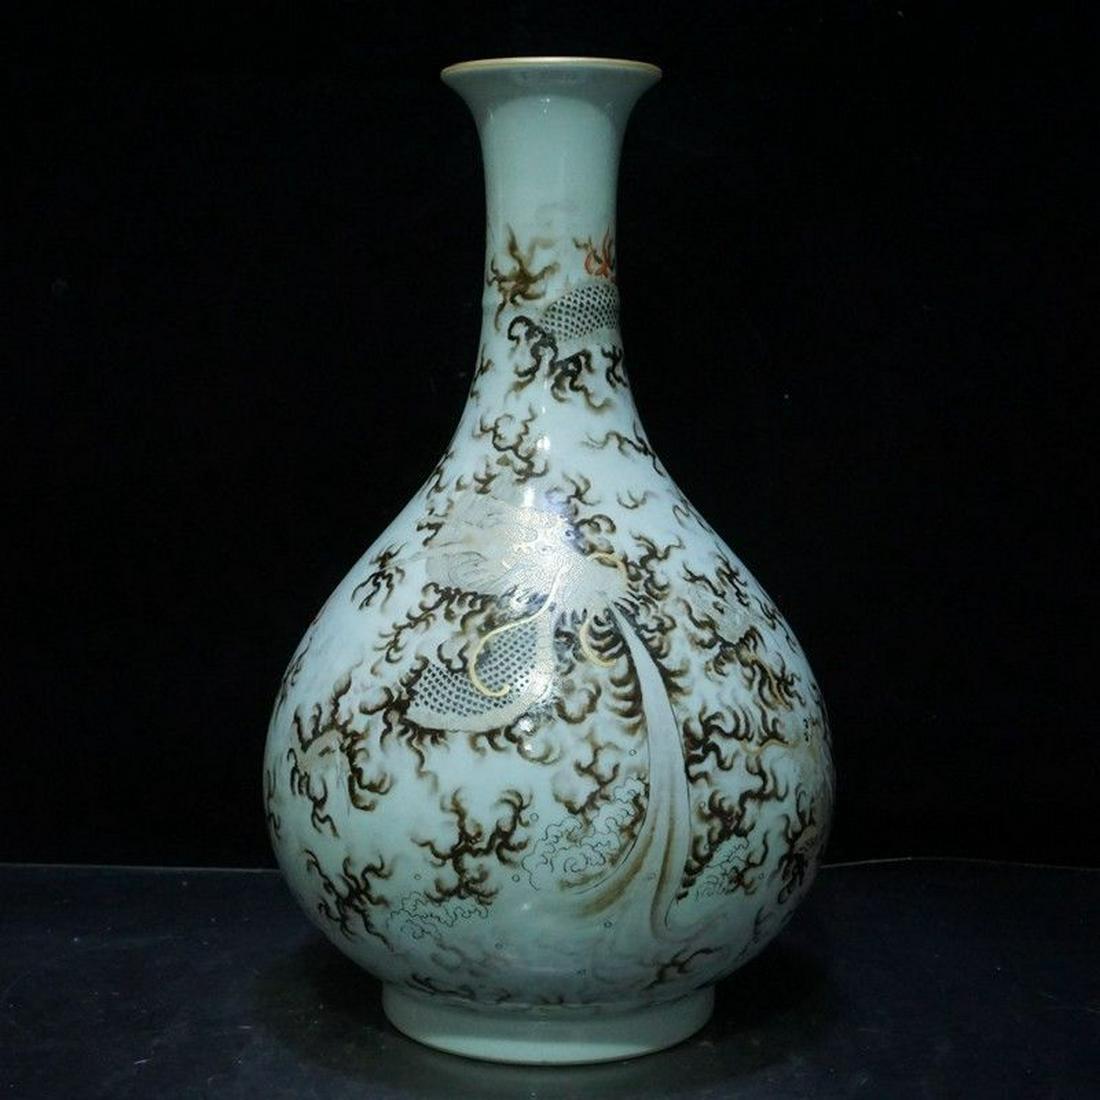 A Magnificent Famille Rose Porcelain Vase